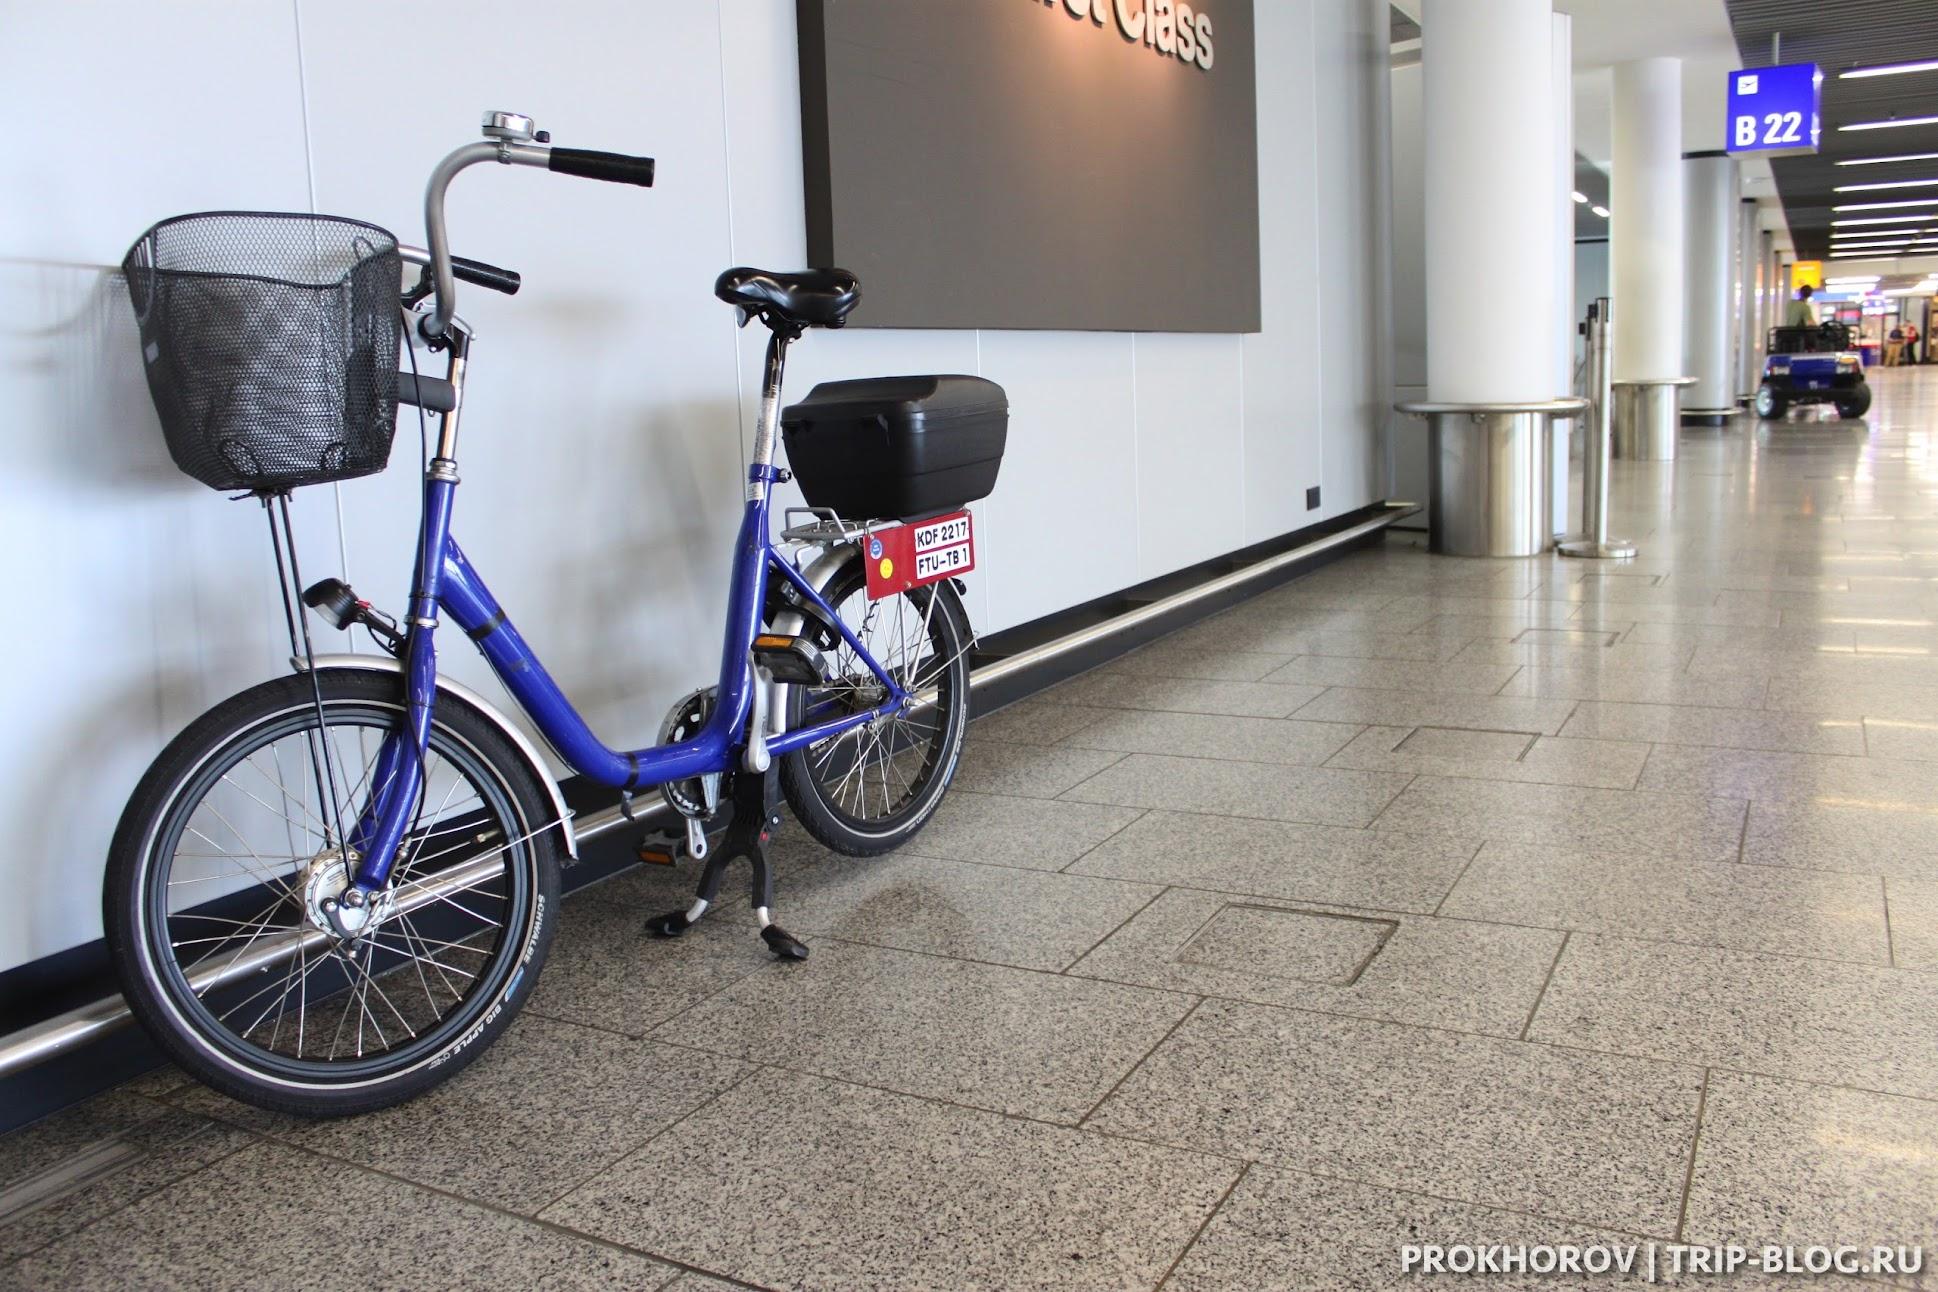 персонал на велосипедах в аэропорту Франкфурта